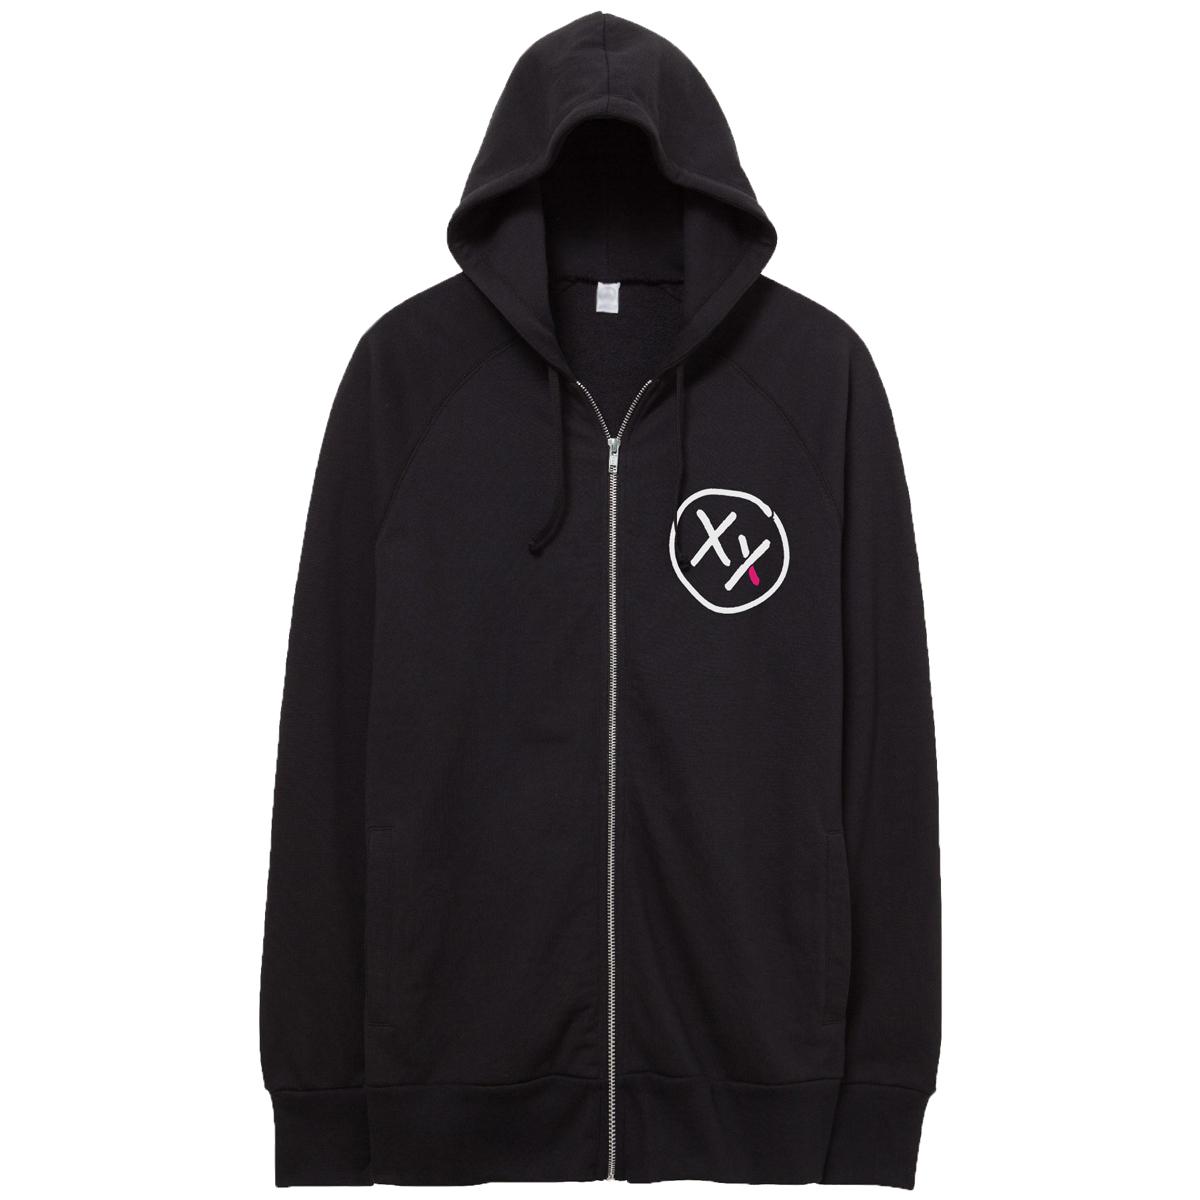 XX Logo Zip-up Hoodie